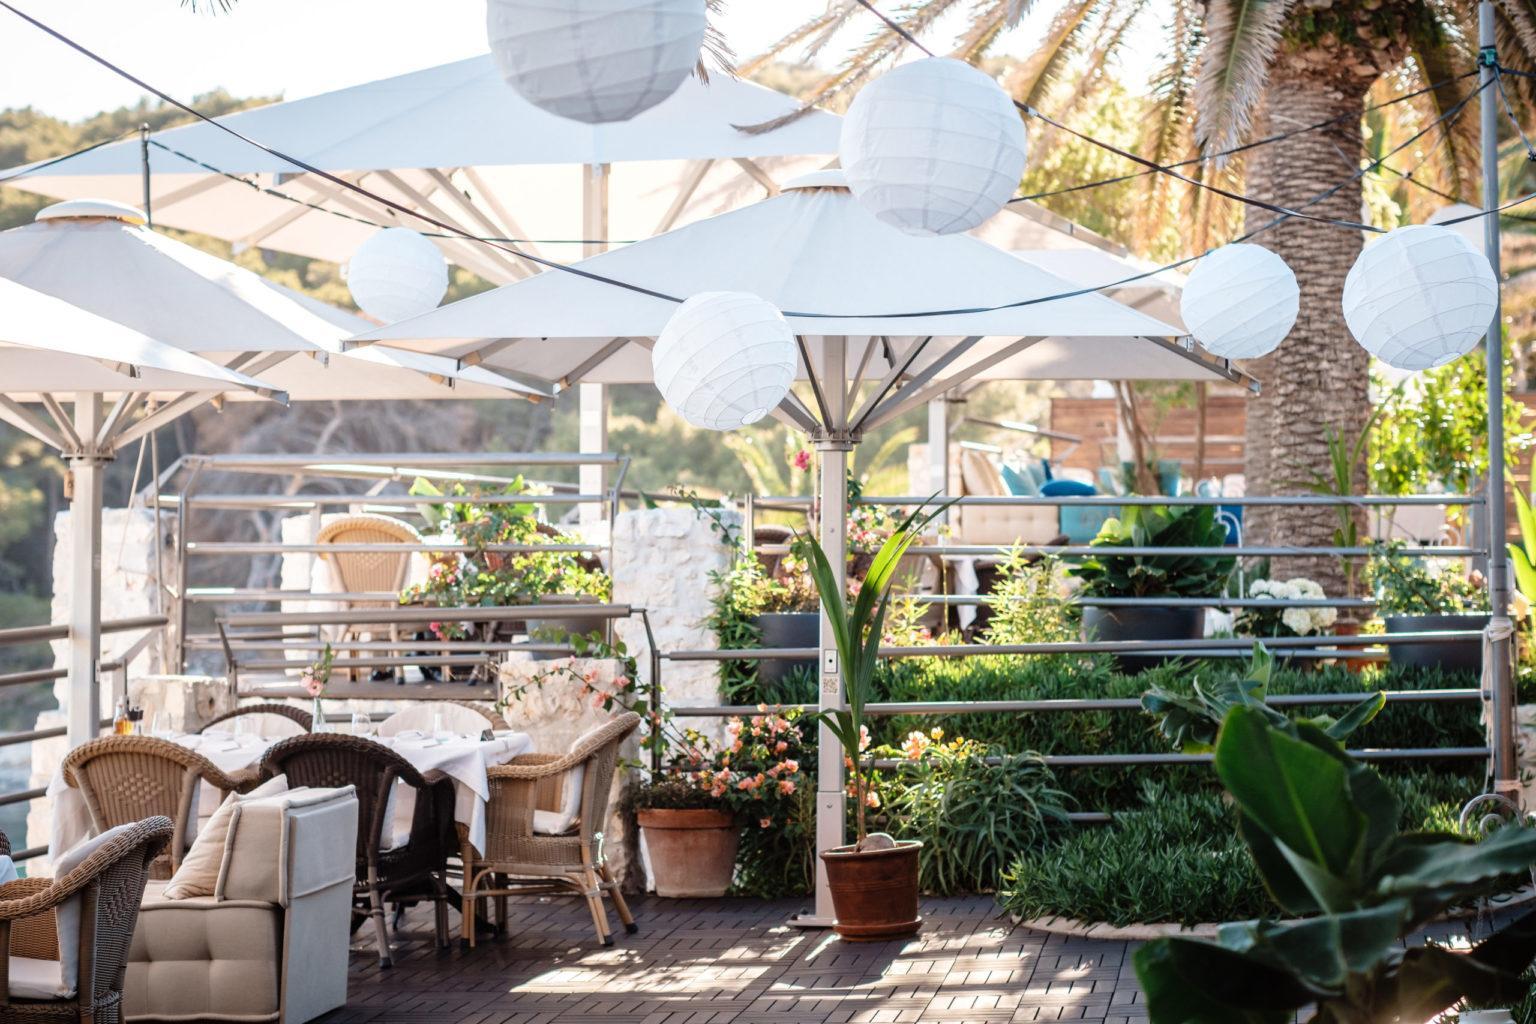 hochzeitslocation Kroatien location hochzeit heiraten 3 2 scaled - Highclass Beachclub